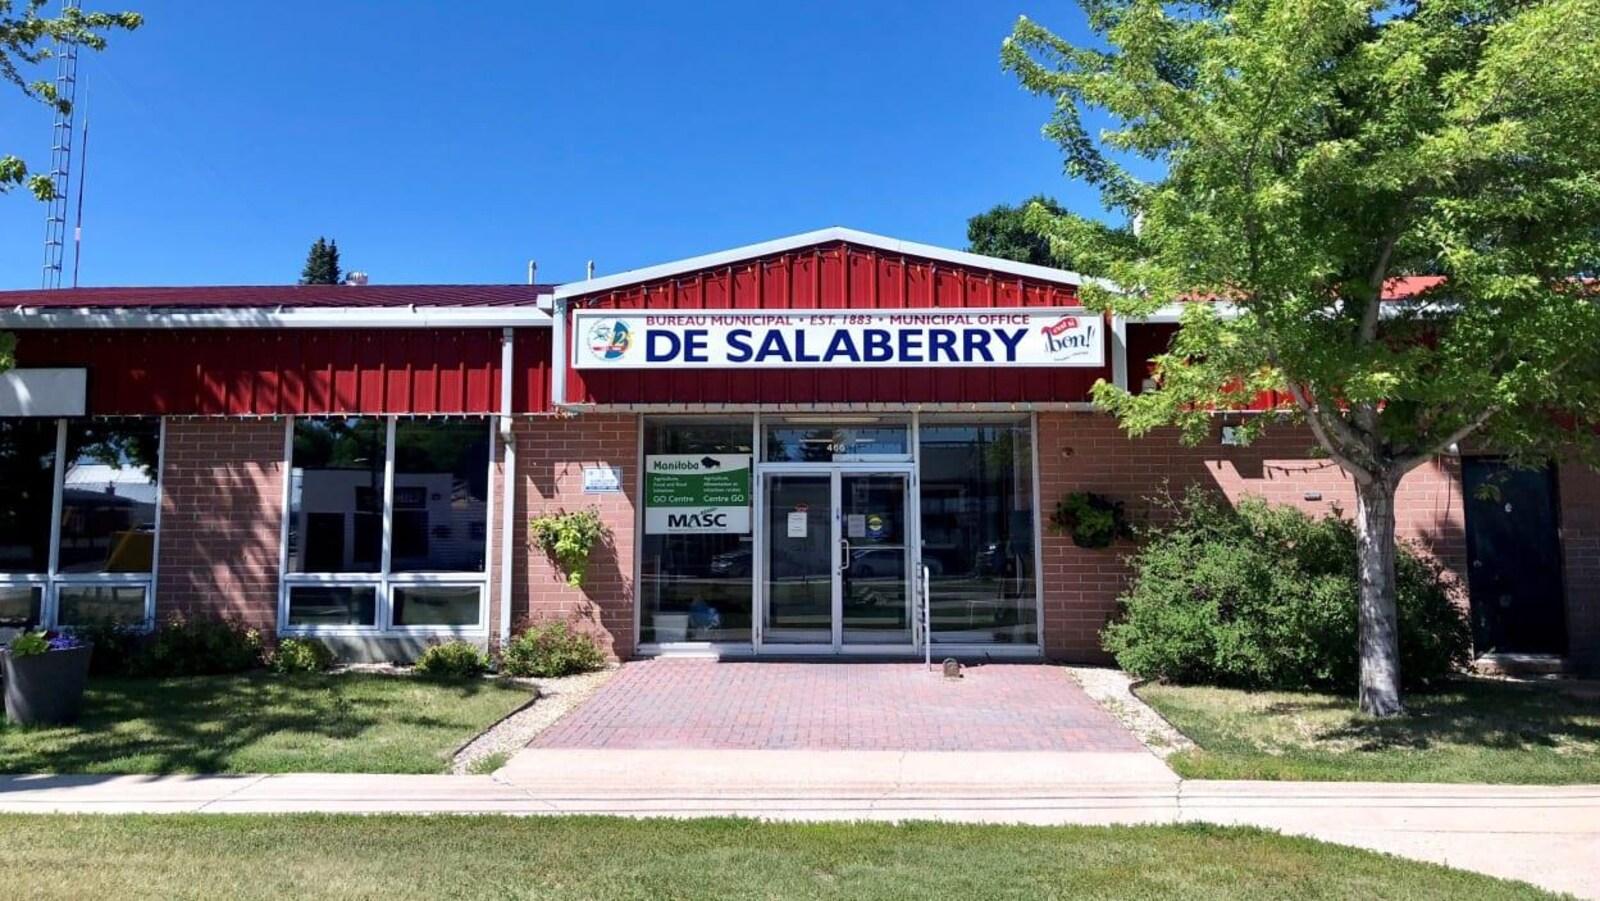 La devanture du bureau municipal de la municipalité rurale De Salaberry au Manitoba.